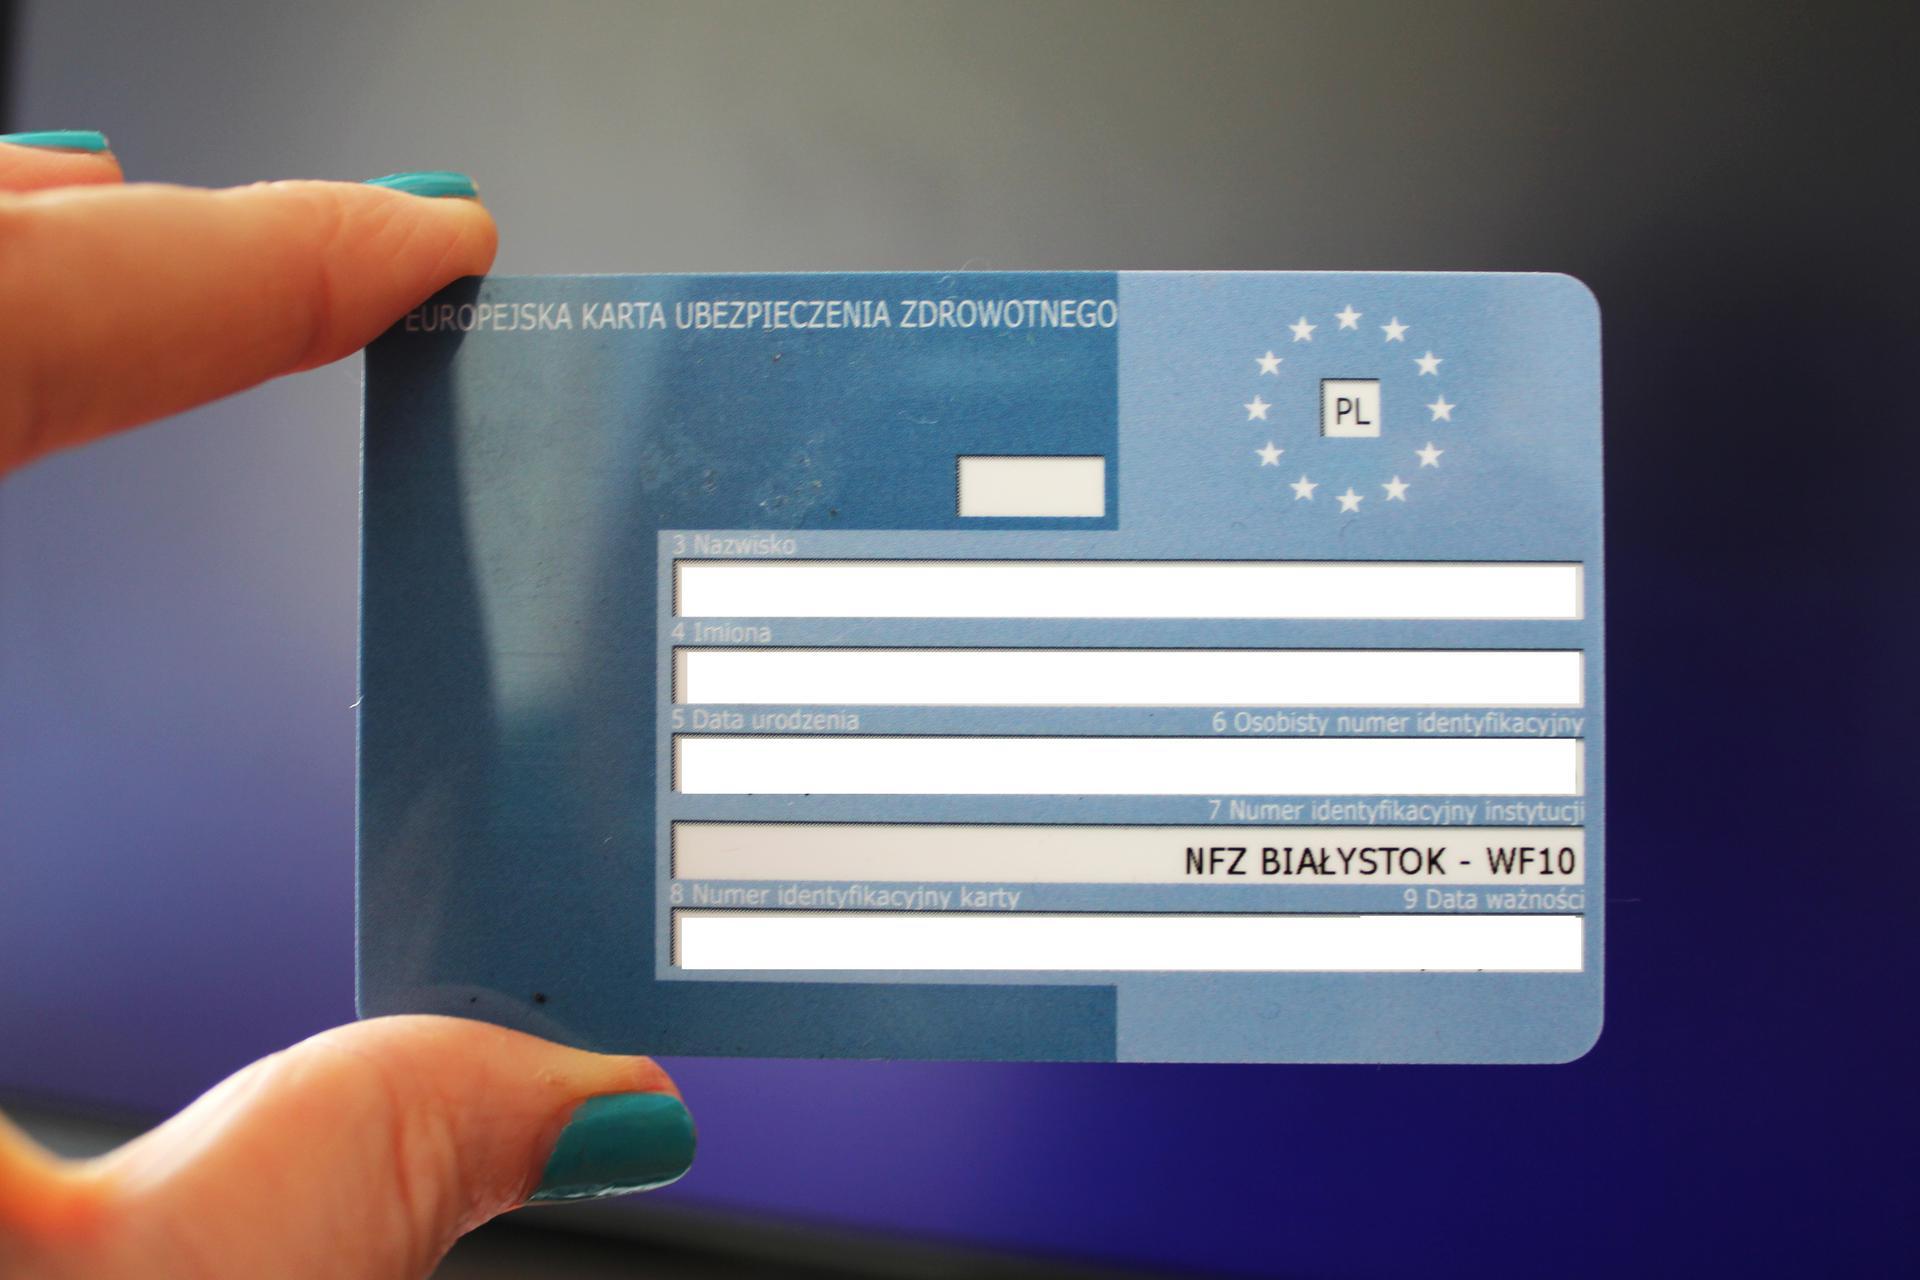 Karta Ubezpieczenia Europa.Zabierz Ekuz Na Wakacje Kiedy I Gdzie Wyrobic Karte Portal